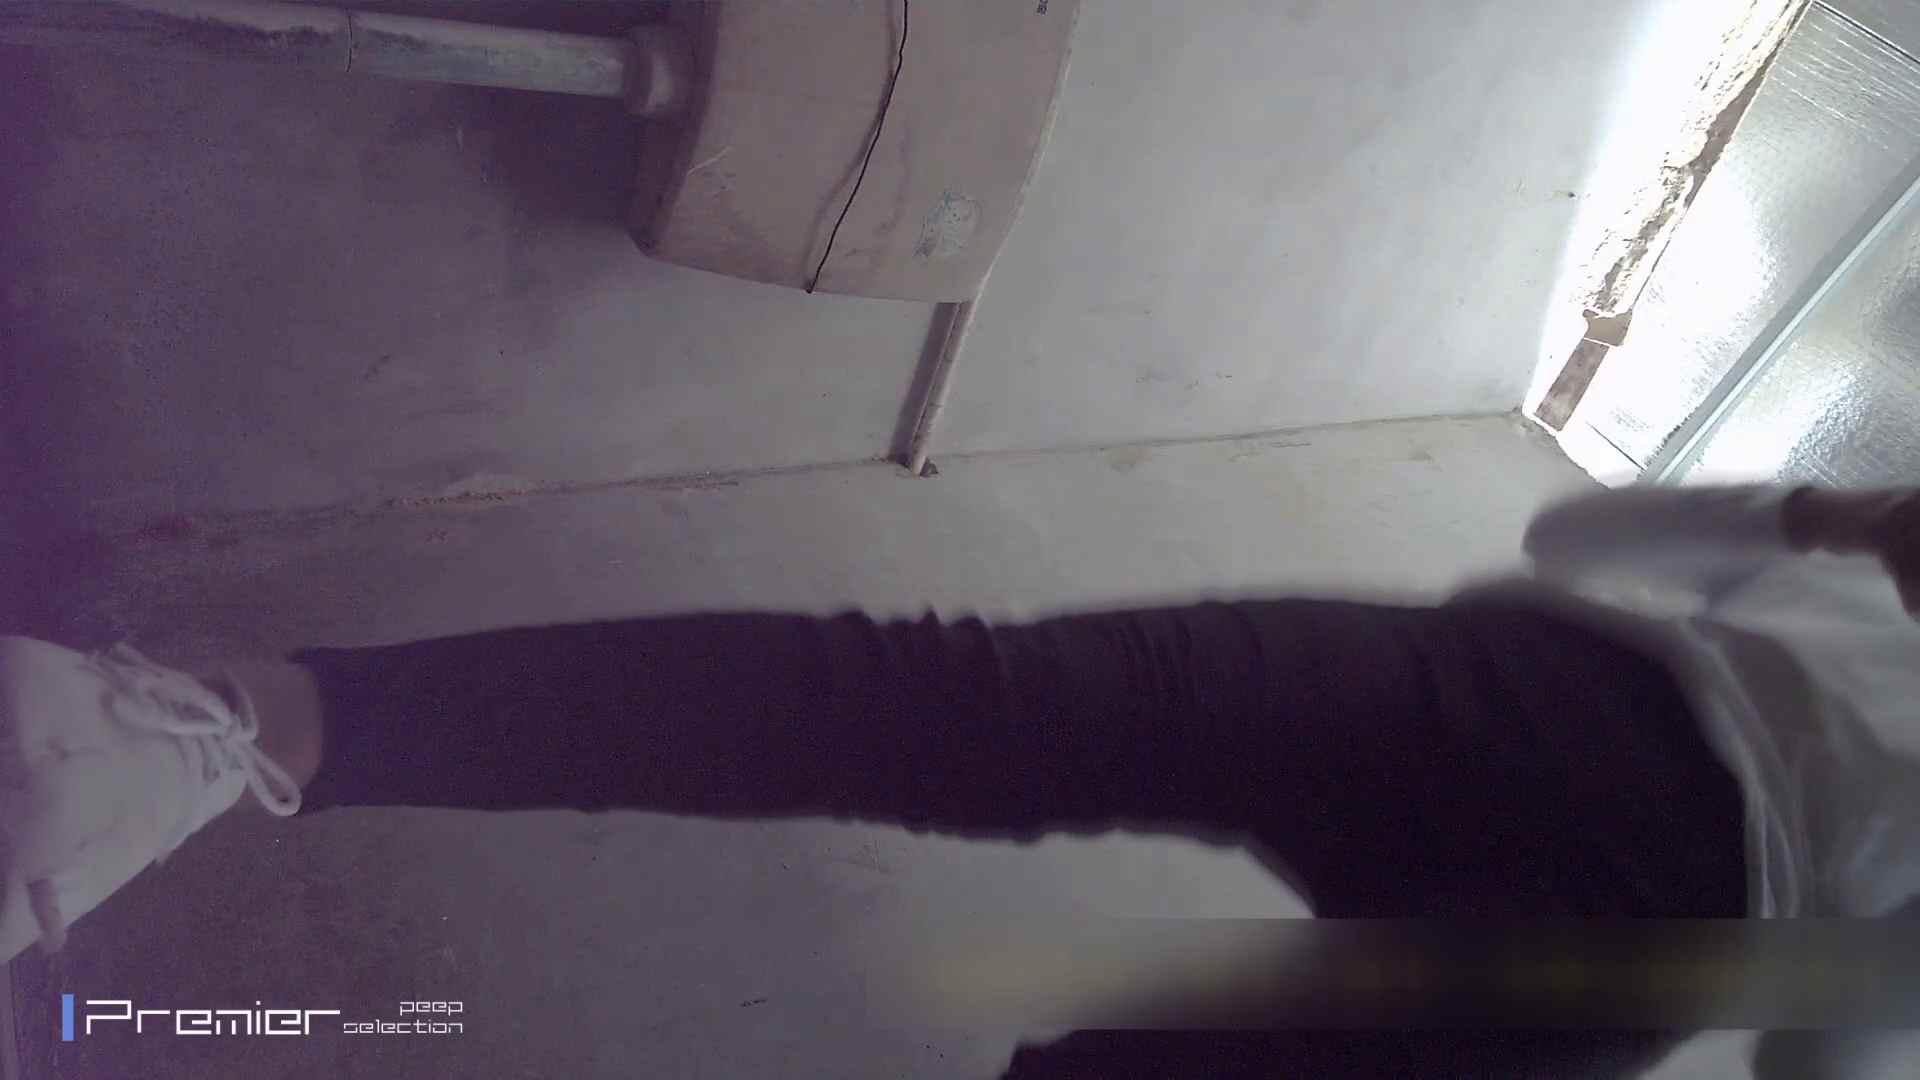 トイレシーンを密着盗撮!! 美女の痴態に密着!Vol.21 チラ 盗撮オマンコ無修正動画無料 93連発 21